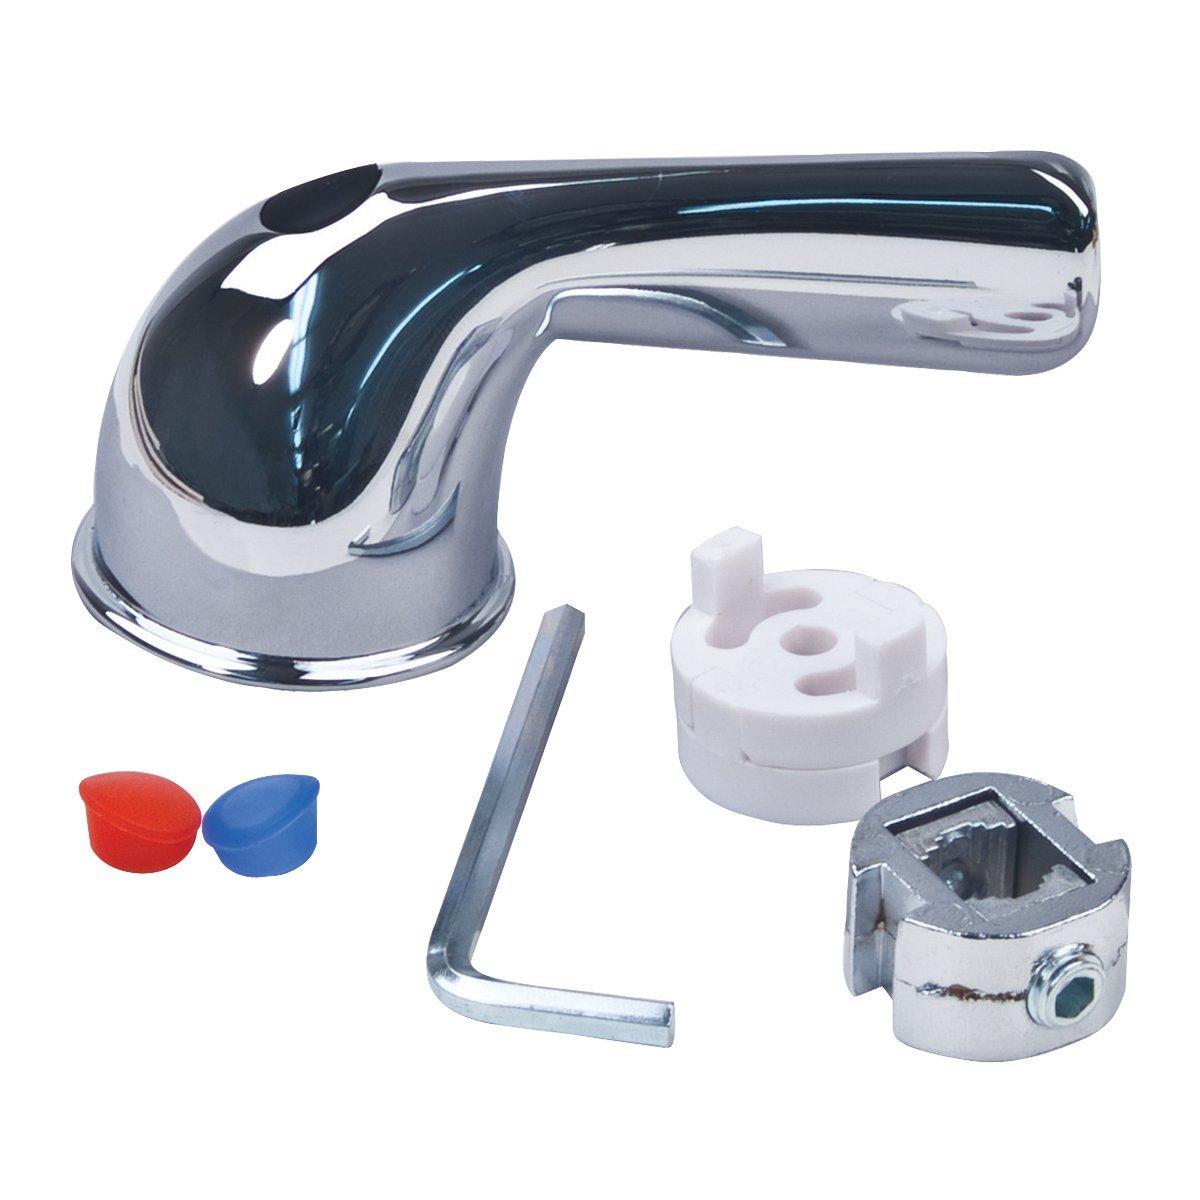 Brasscraft Sh5815 Tub And Shower Lever Faucet Handle Chrome Walmart Com Walmart Com